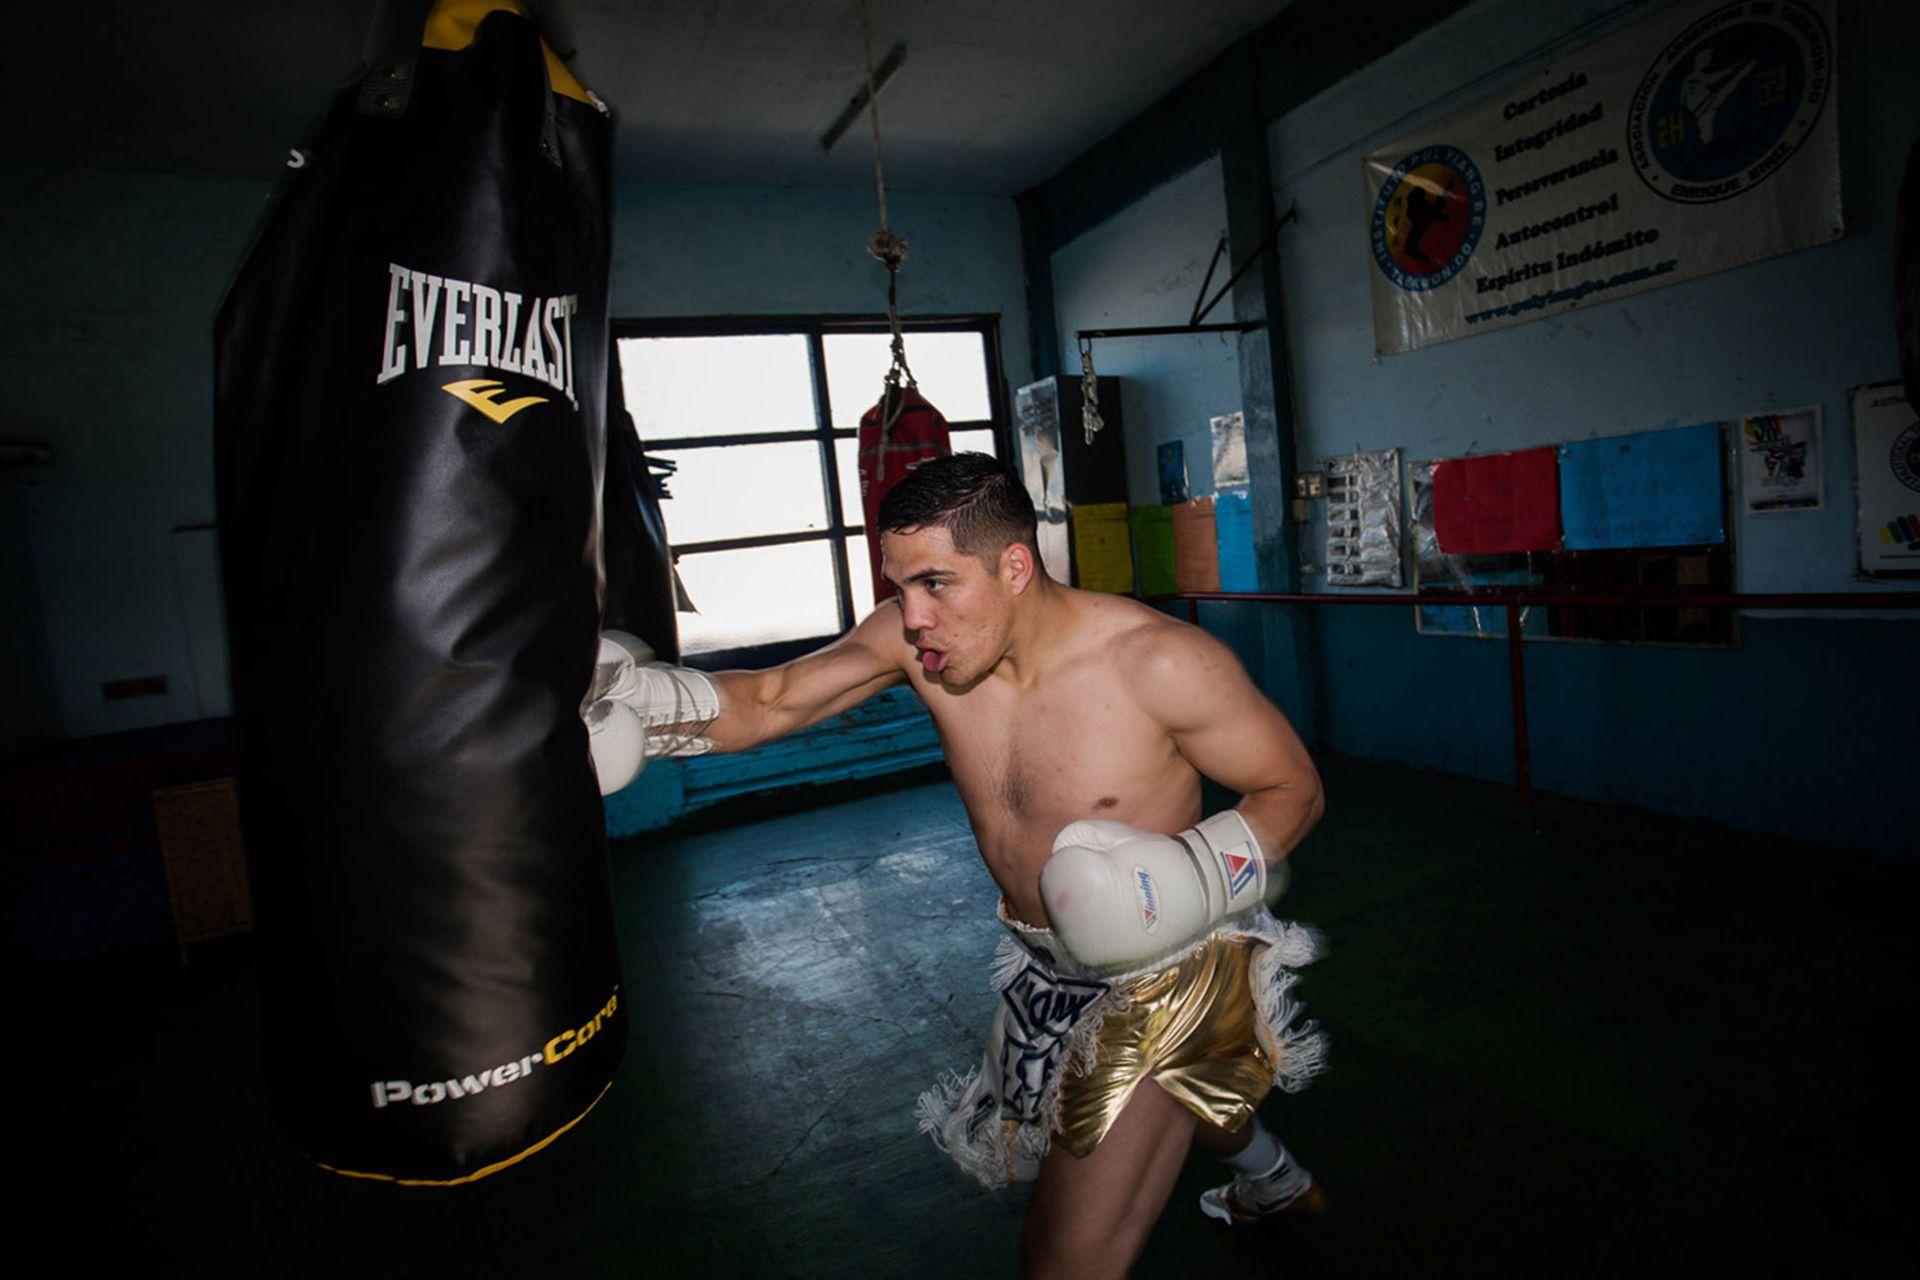 Subió a un ring cuando tenía un año. Fue a upa de su padre cuando este comenzaba una turbulenta carrera de boxeador profesional. No se bajó más.